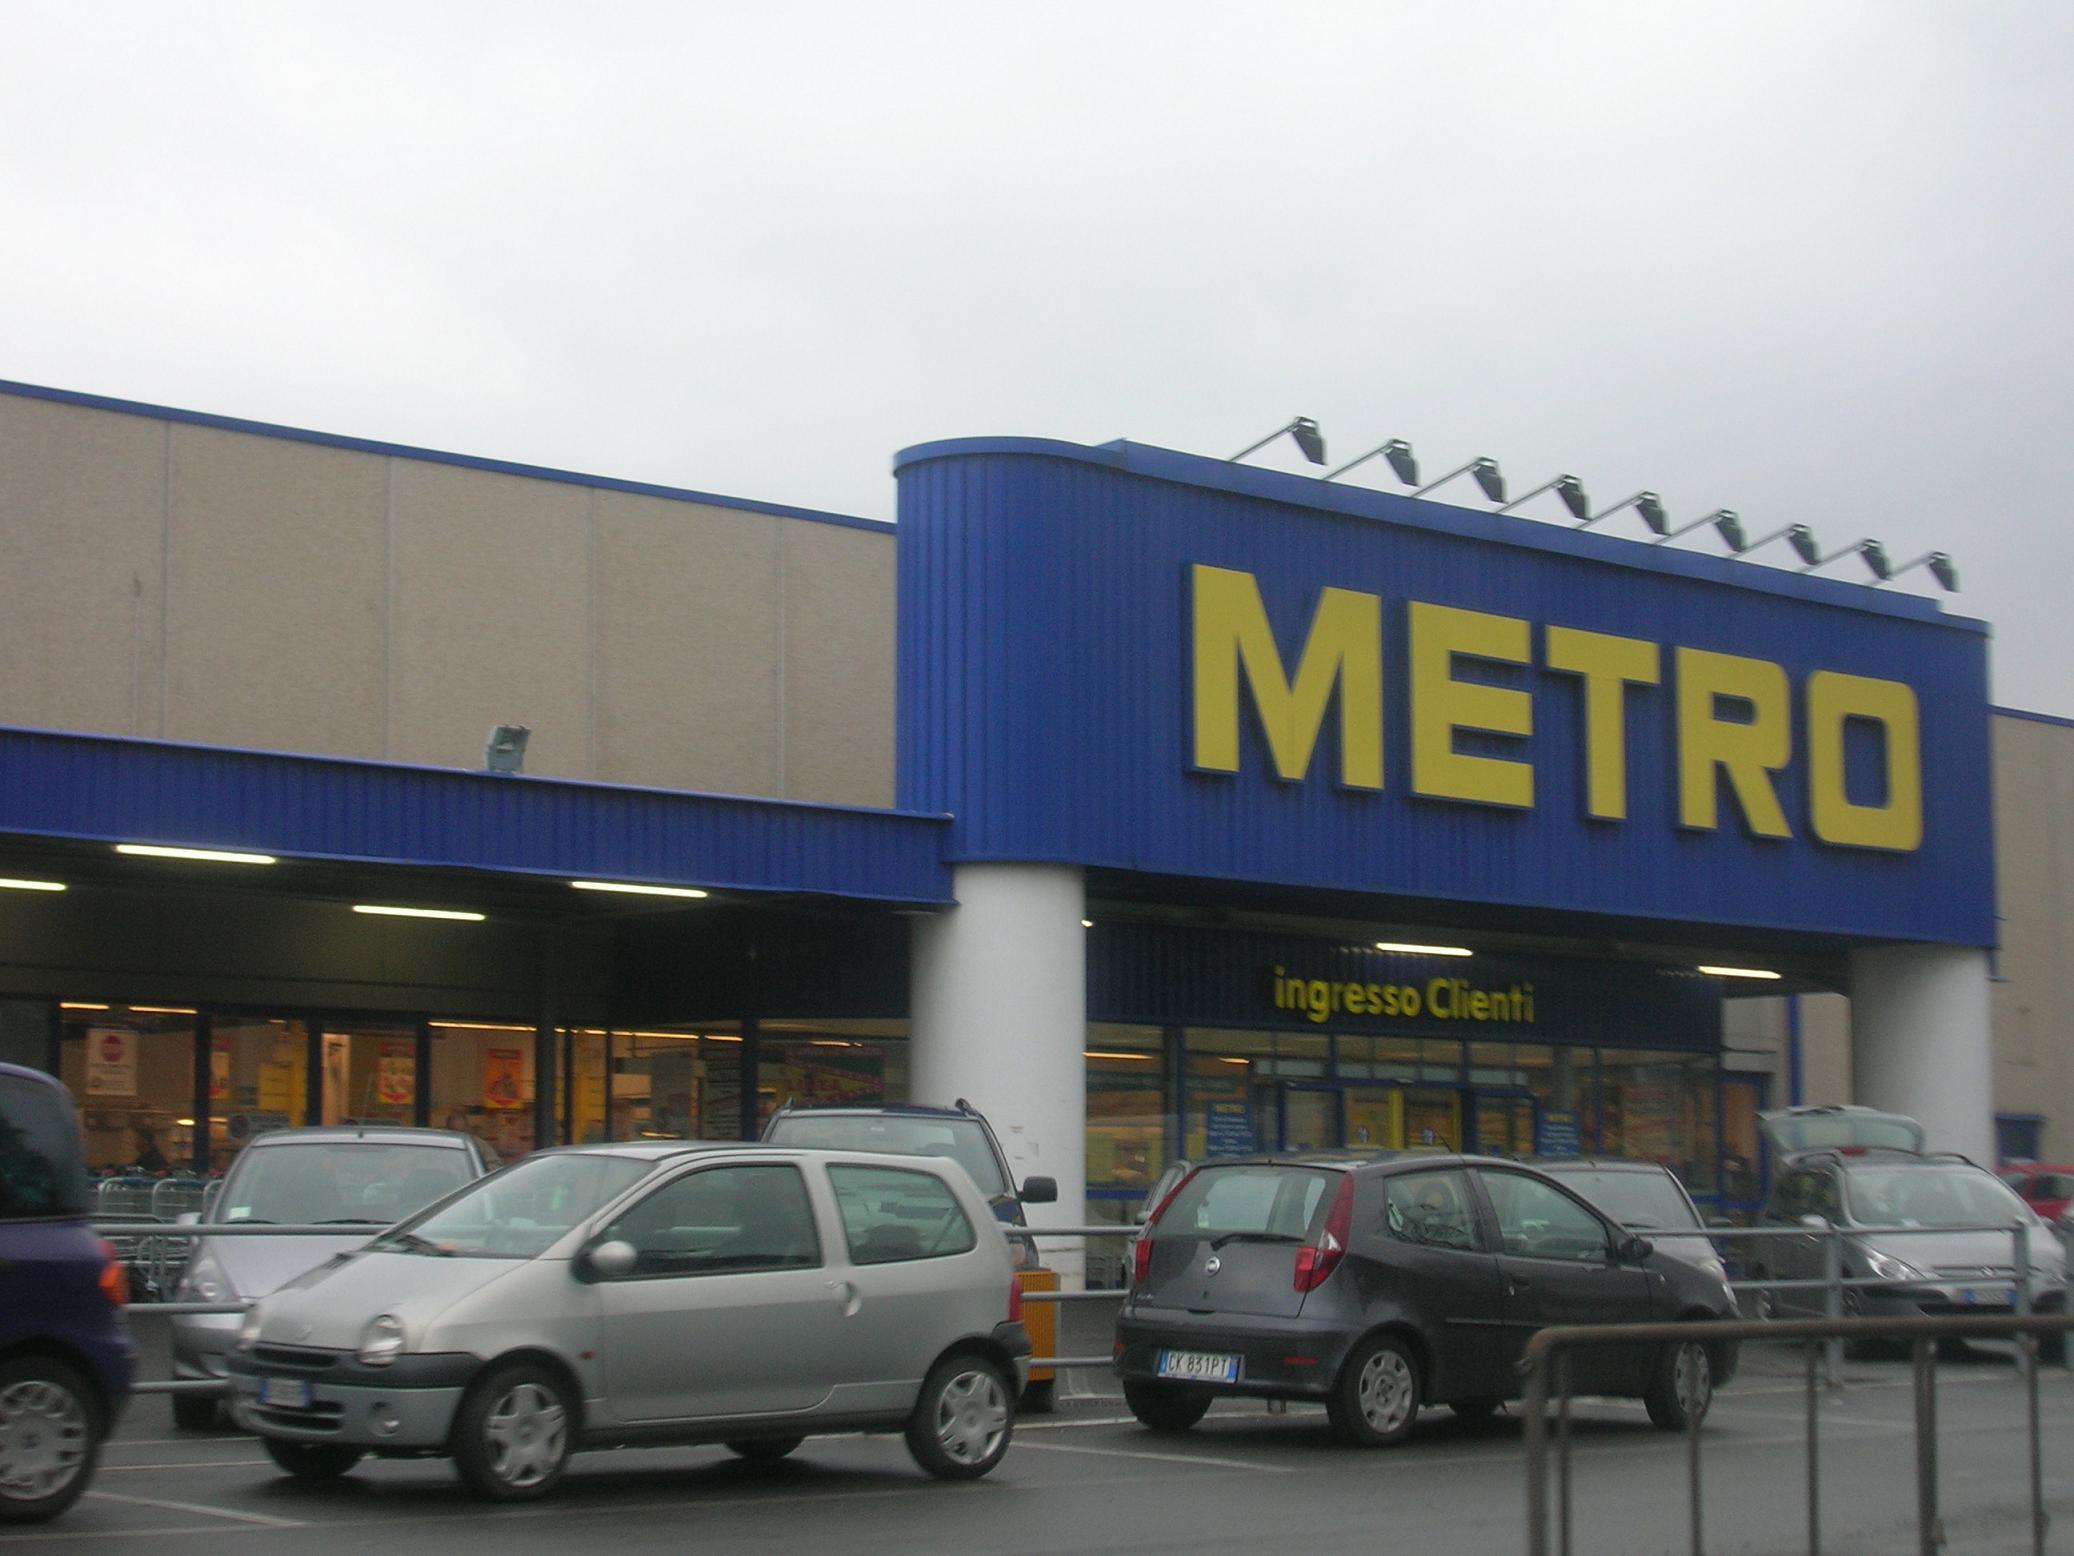 La Spezia Magazzino Metro JPG